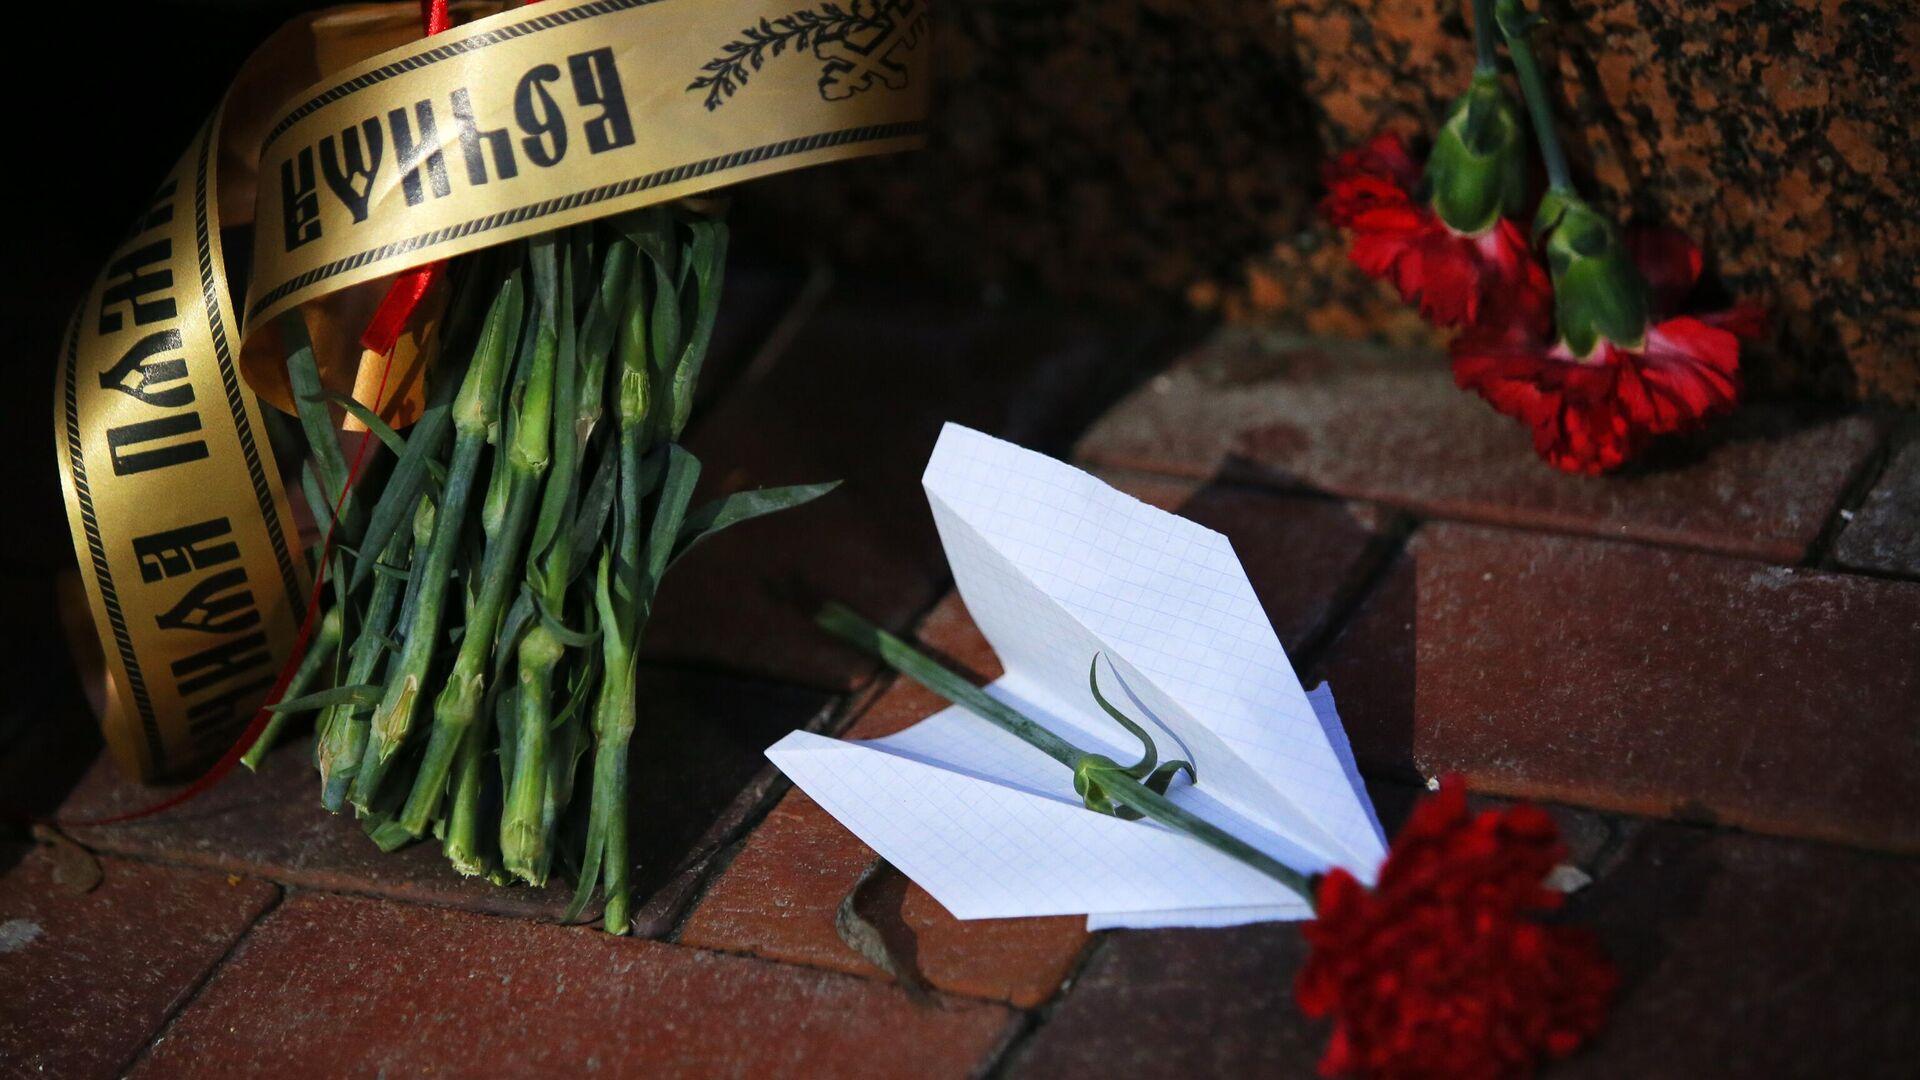 Цветы у посольства Ирана в Киеве в память о погибших в результате крушения пассажирского лайнера Украины Boeing 737-800 в Тегеране - РИА Новости, 1920, 31.07.2020